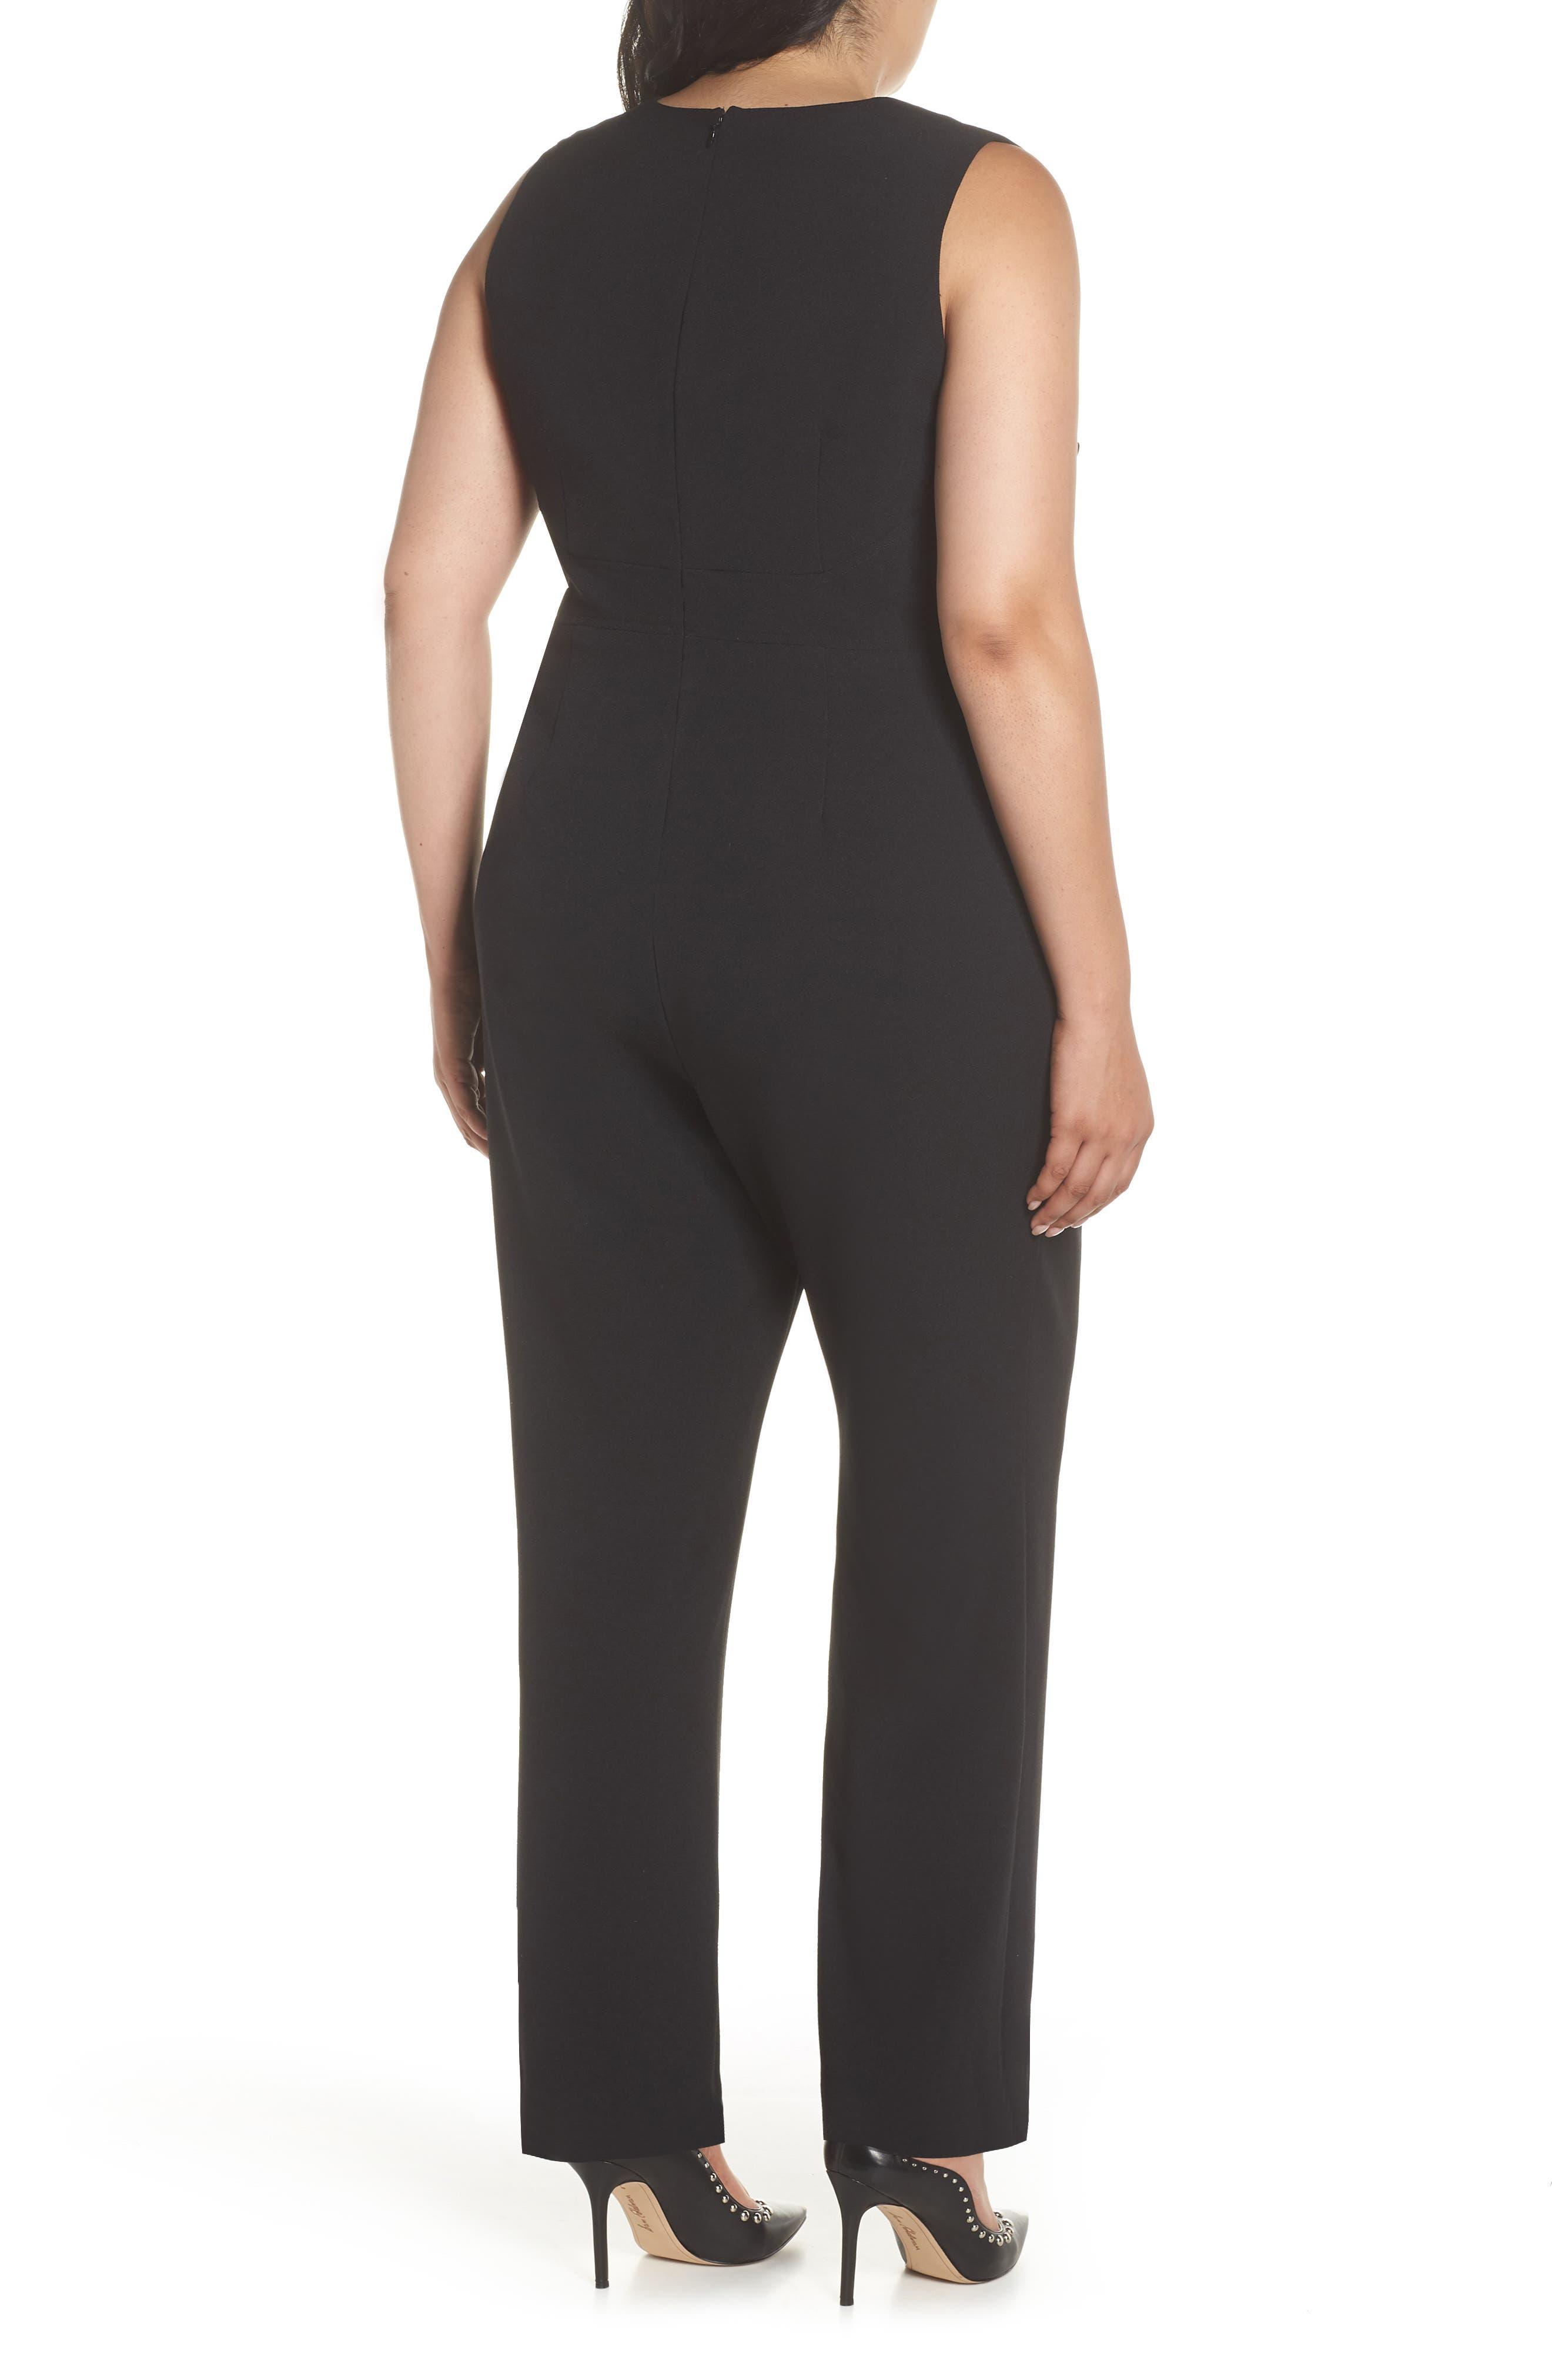 51c93881776 Rompers   Jumpsuits Plus-Size Dresses